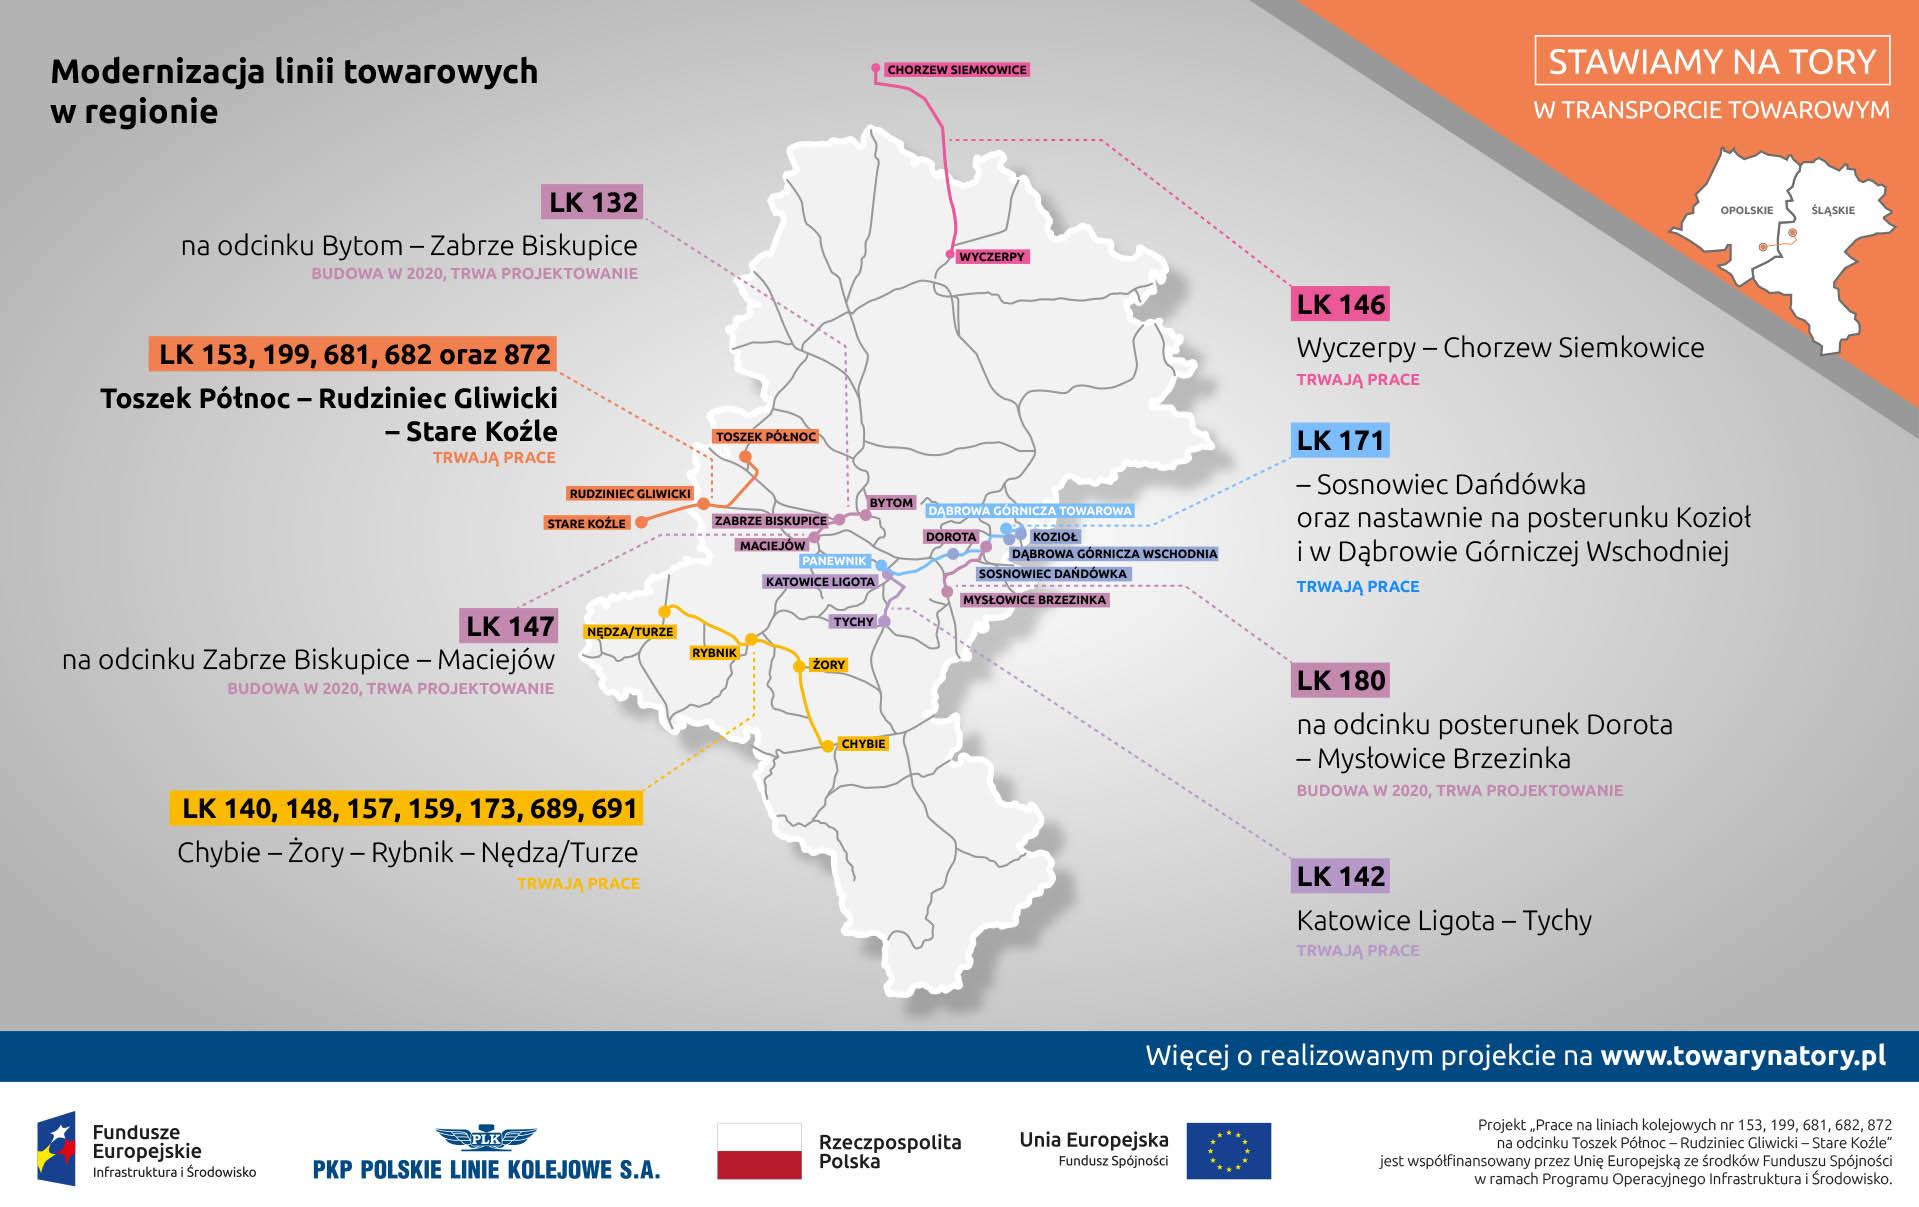 Infografika informuje o wszystkich modernizacja linii towarowych na Śląsku. Łącznie jest to 18 linii zgrupowanych w 5 oddzielnych inwestycji.